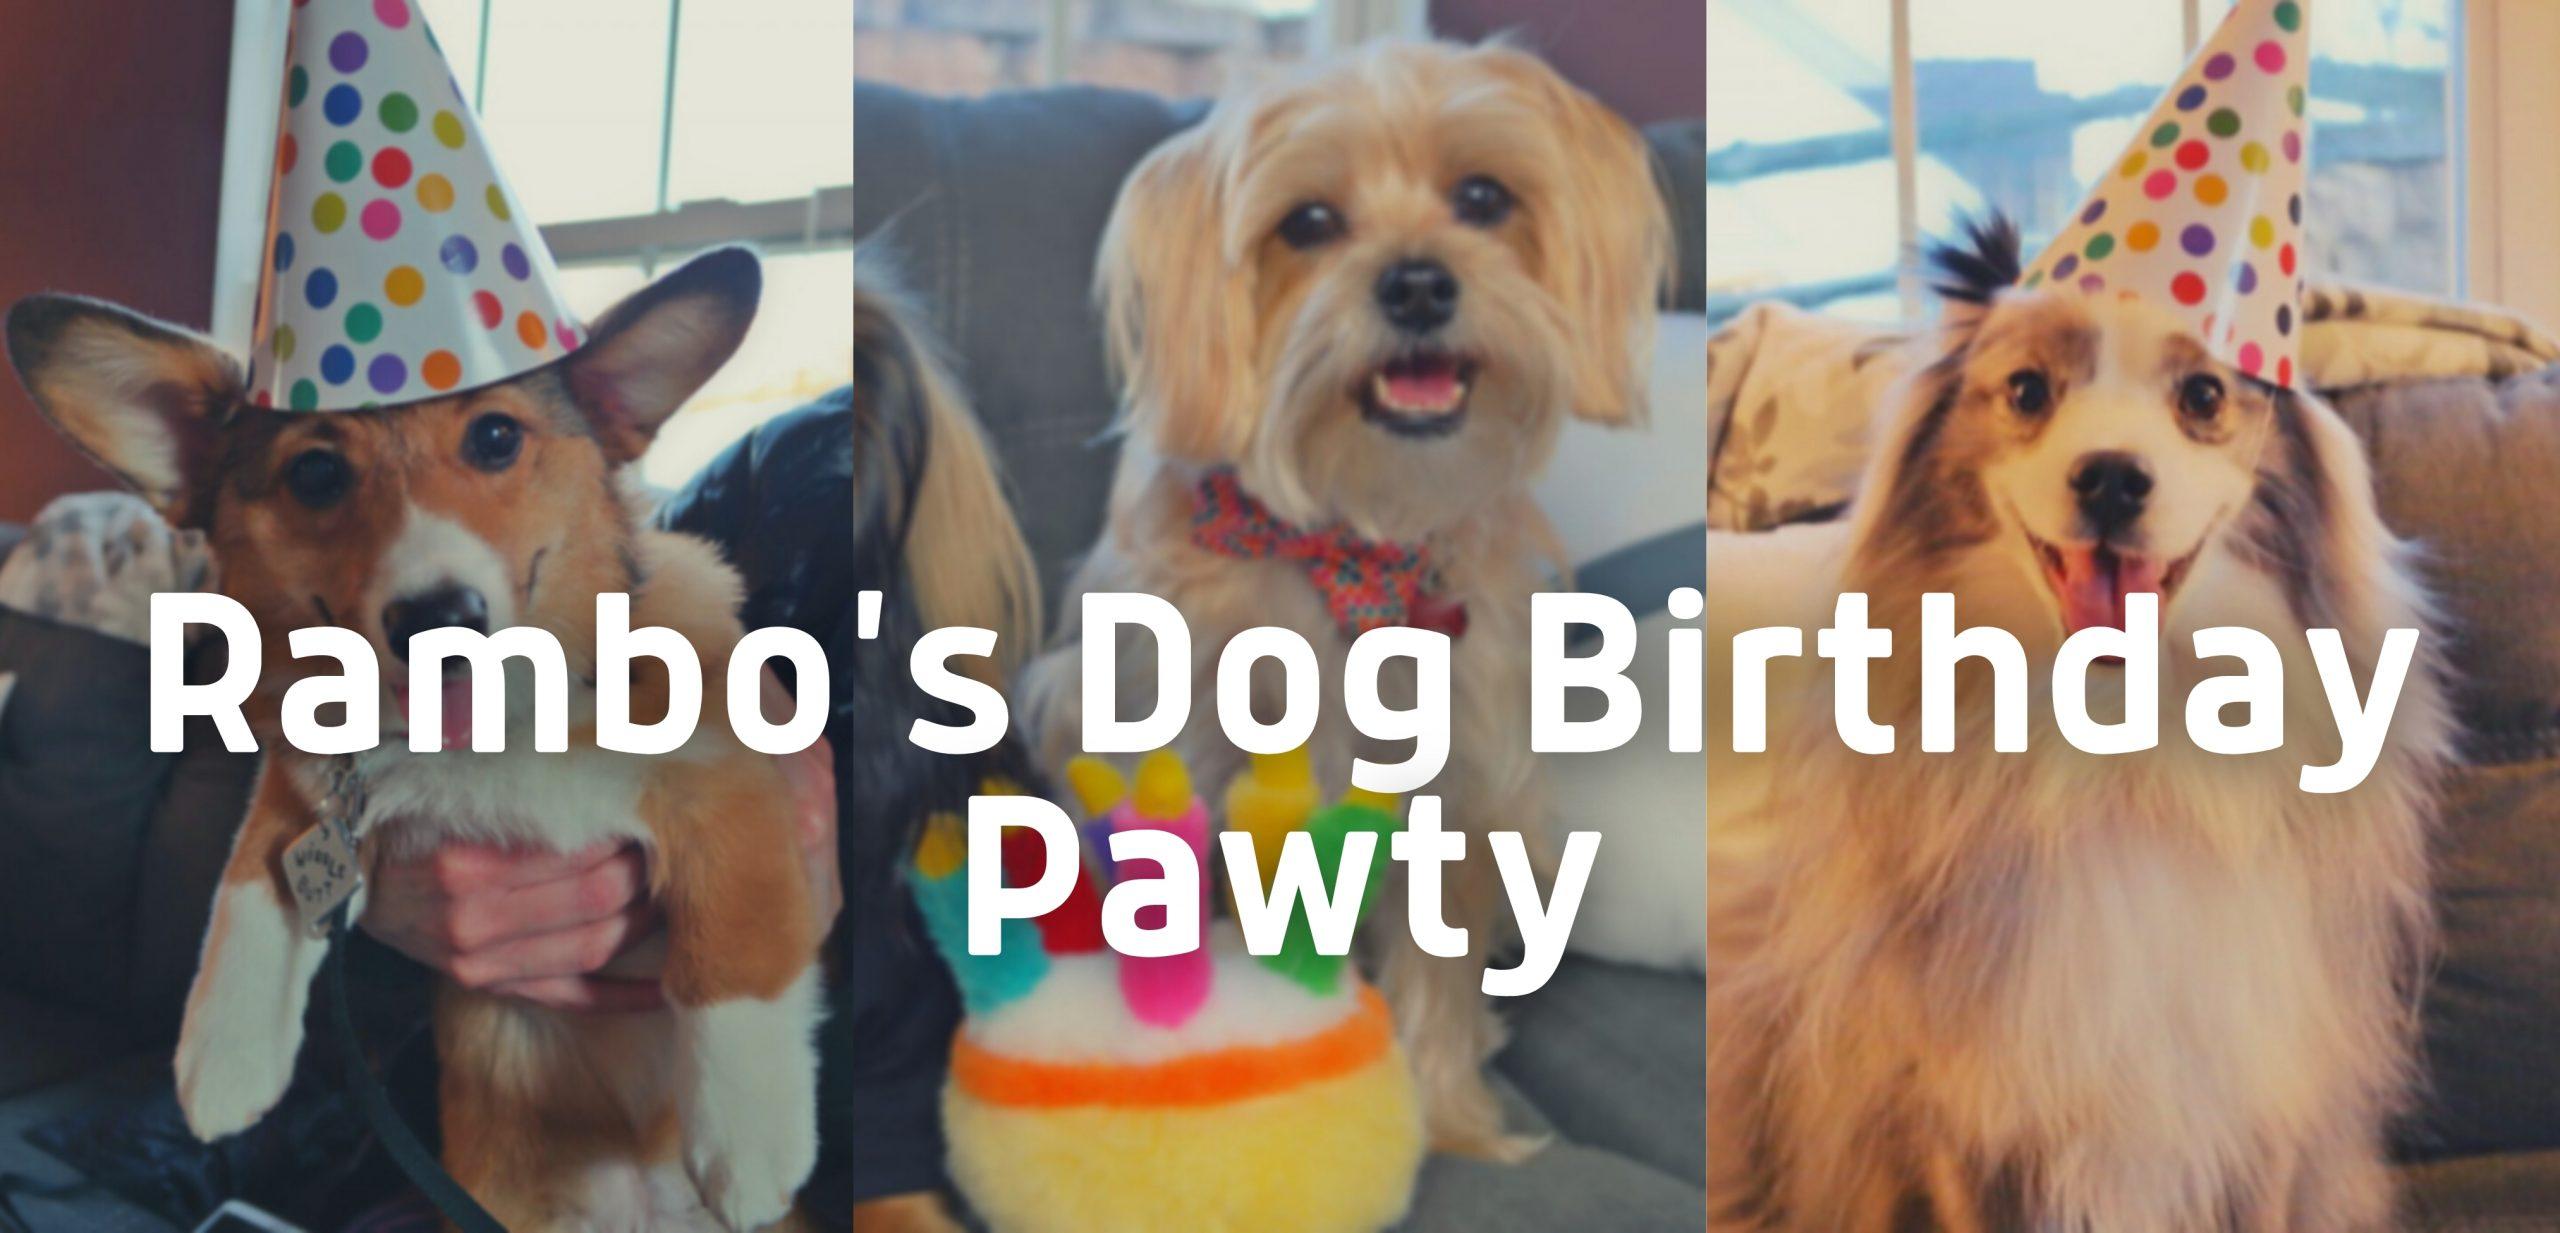 Rambo's Dog Birthday Party!